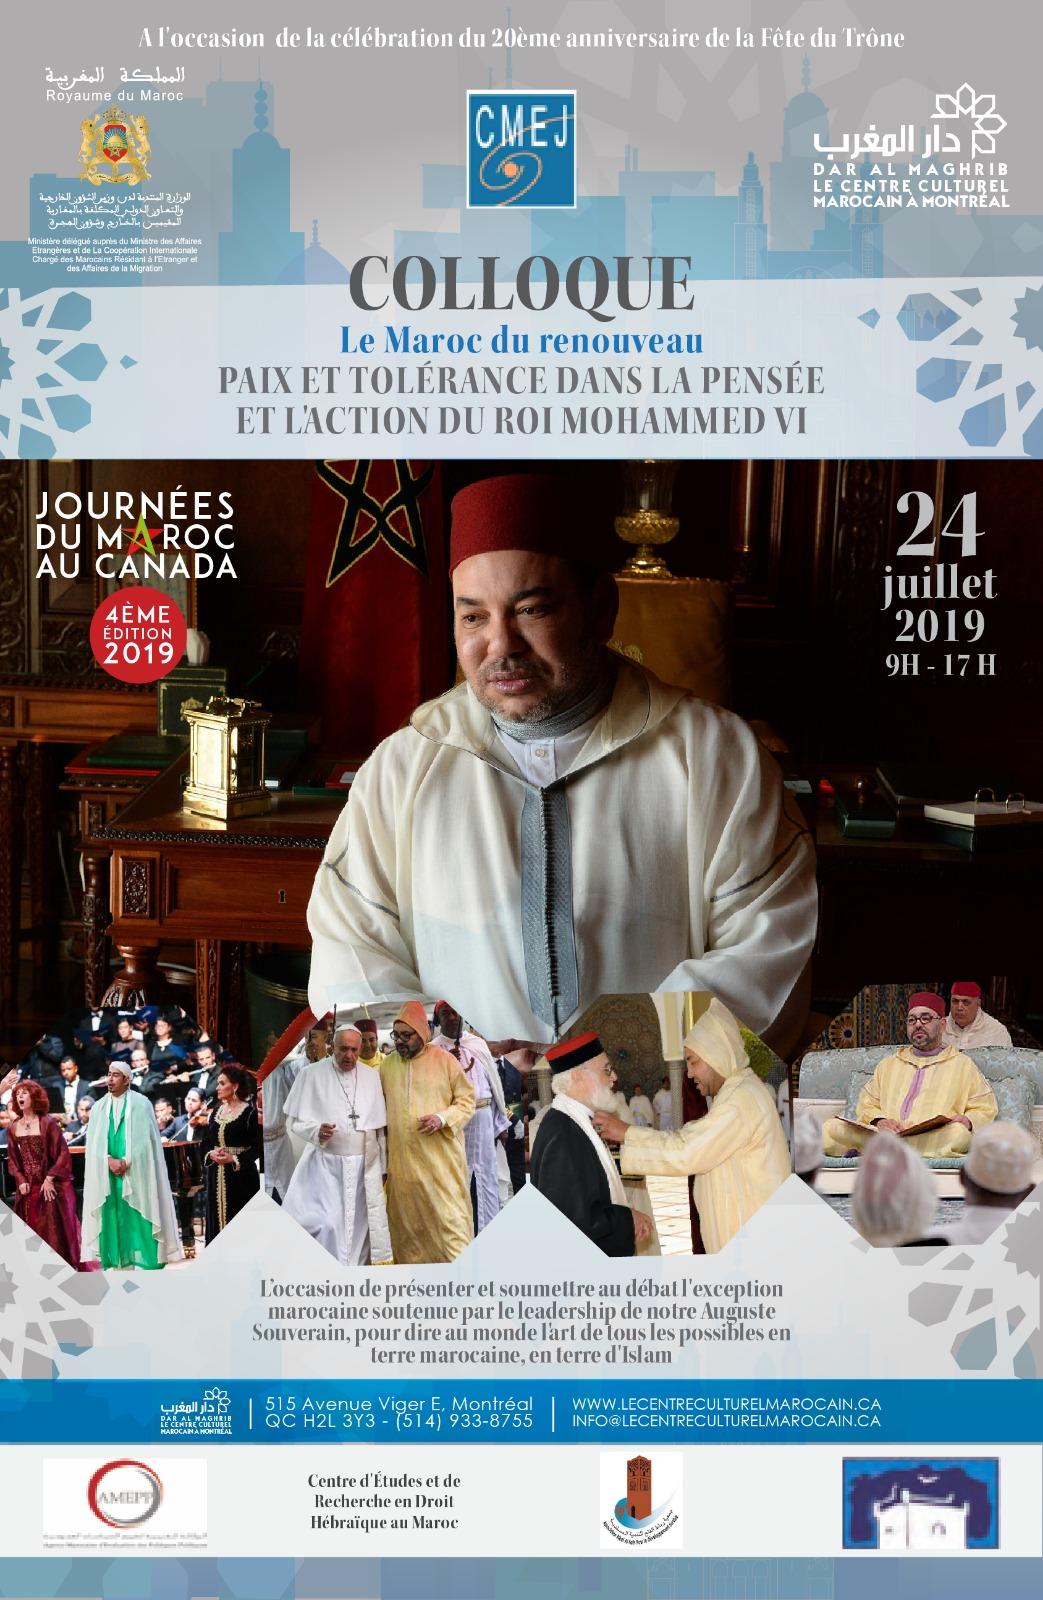 Colloque international le Maroc du Renouveau